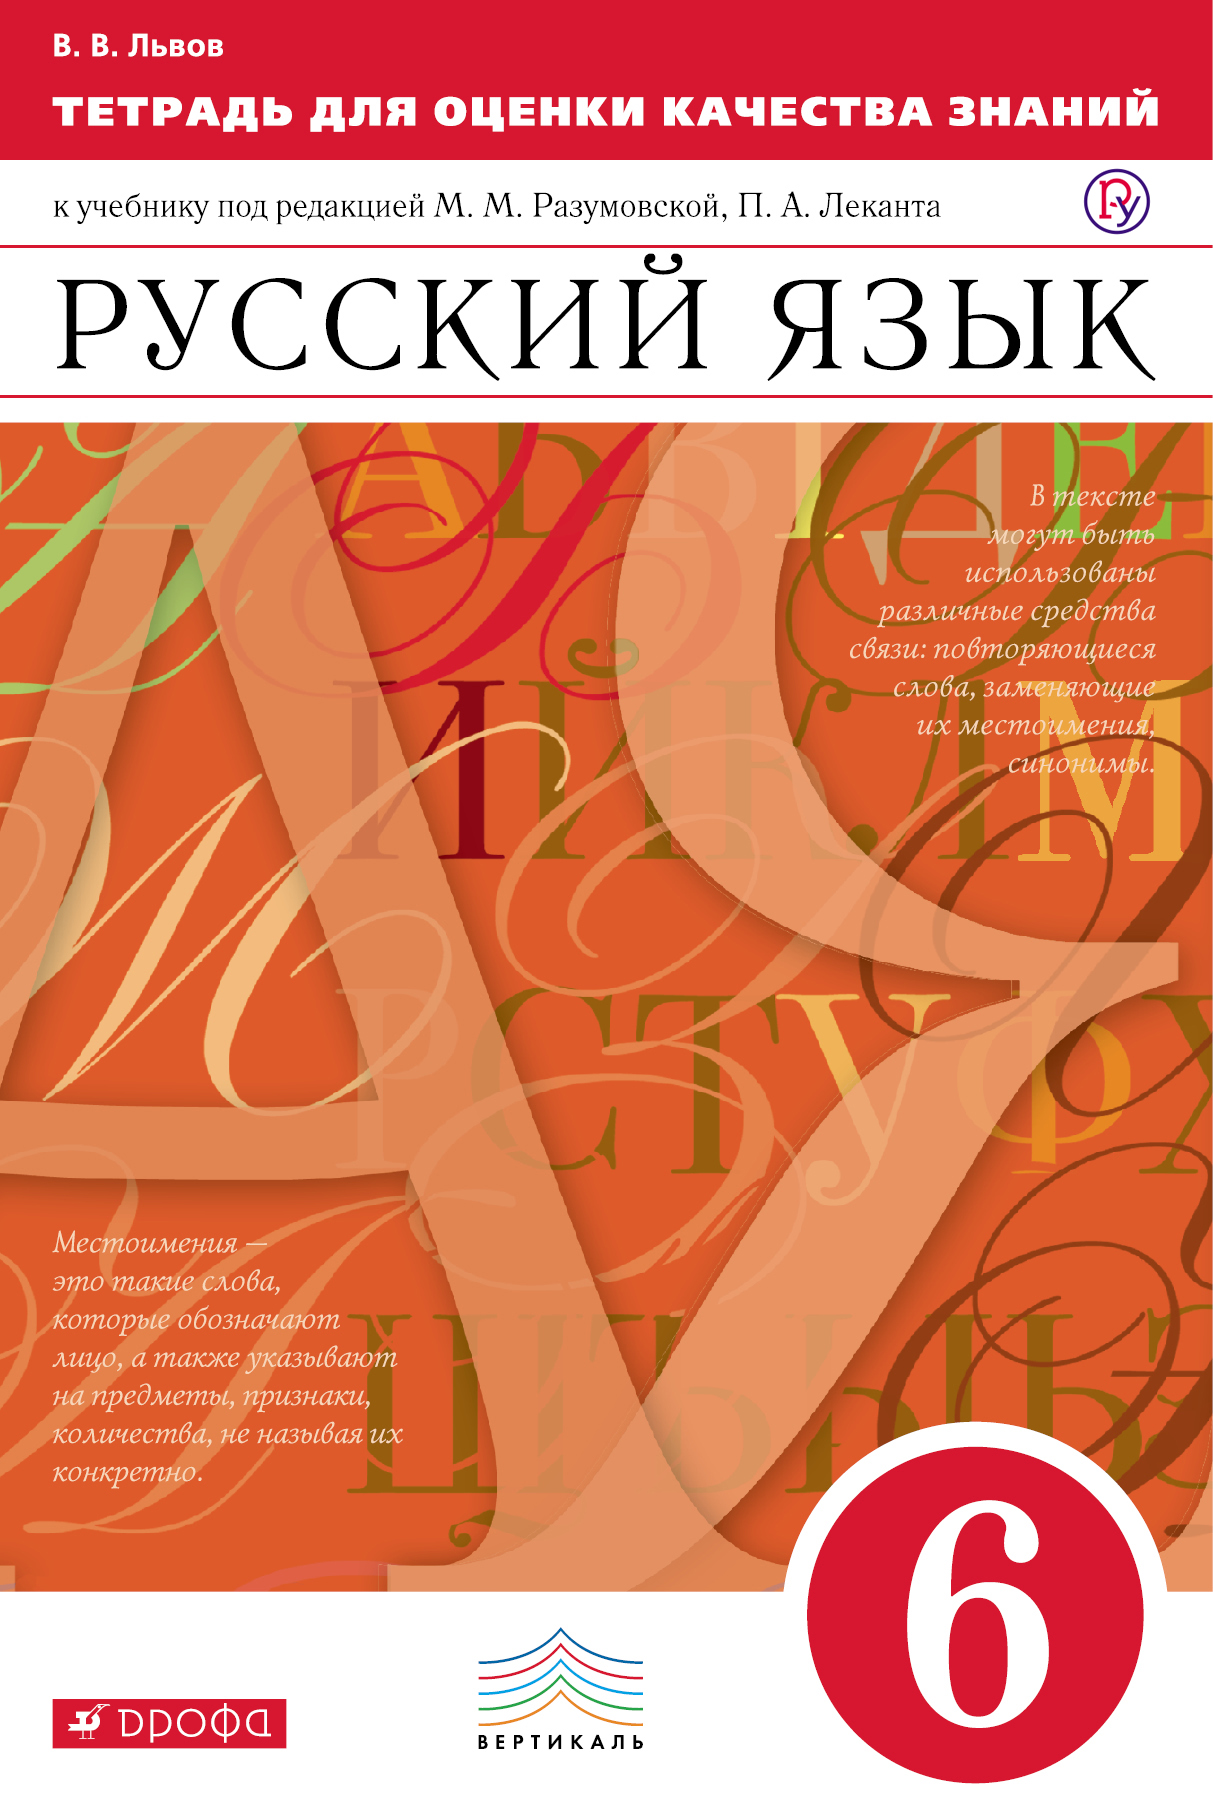 Русский язык 6кл.Тетр./оц.кач.знаний(Львов). ВЕРТИКАЛЬ